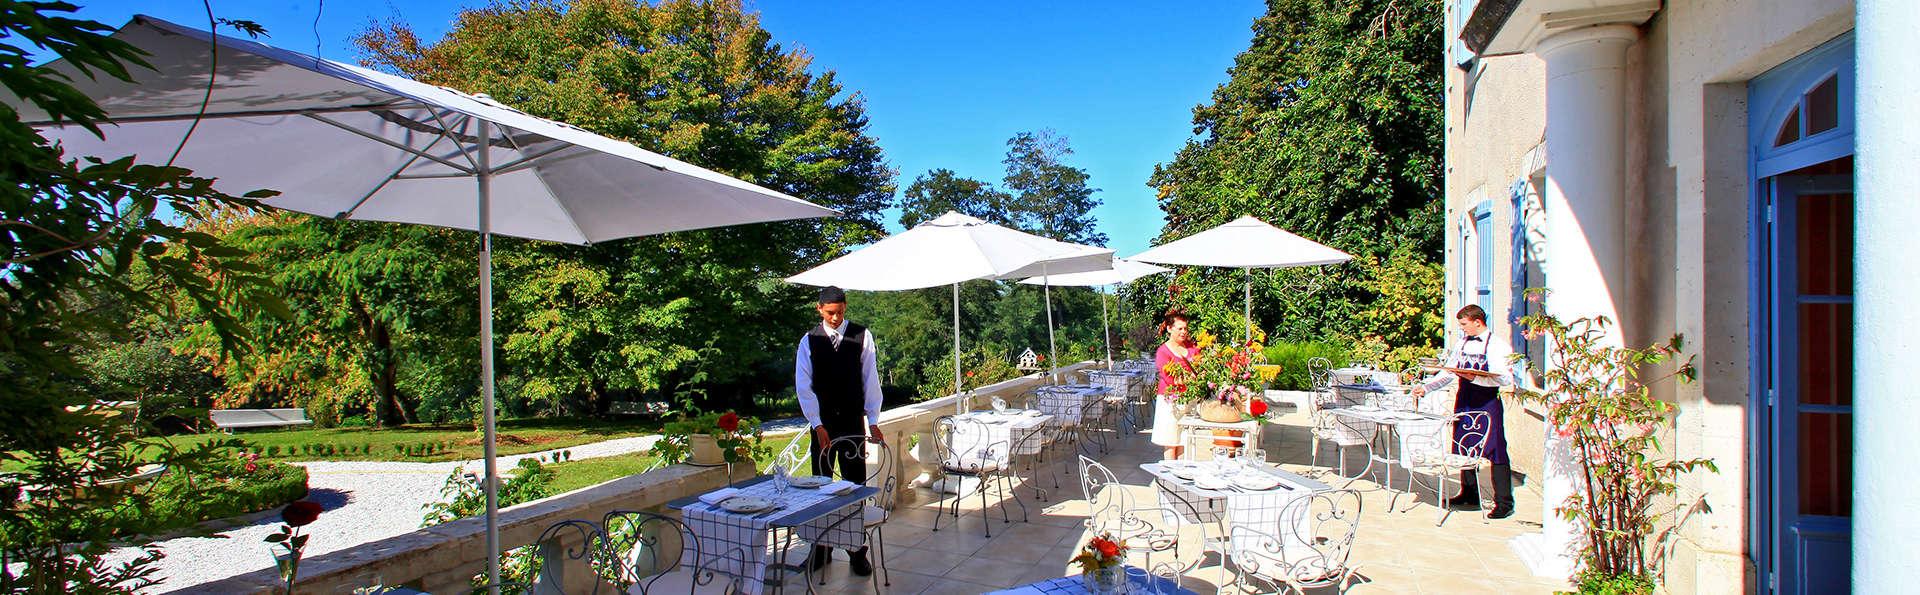 Séjour gourmand avec dîner et dégustation dans un village de charme du Gers